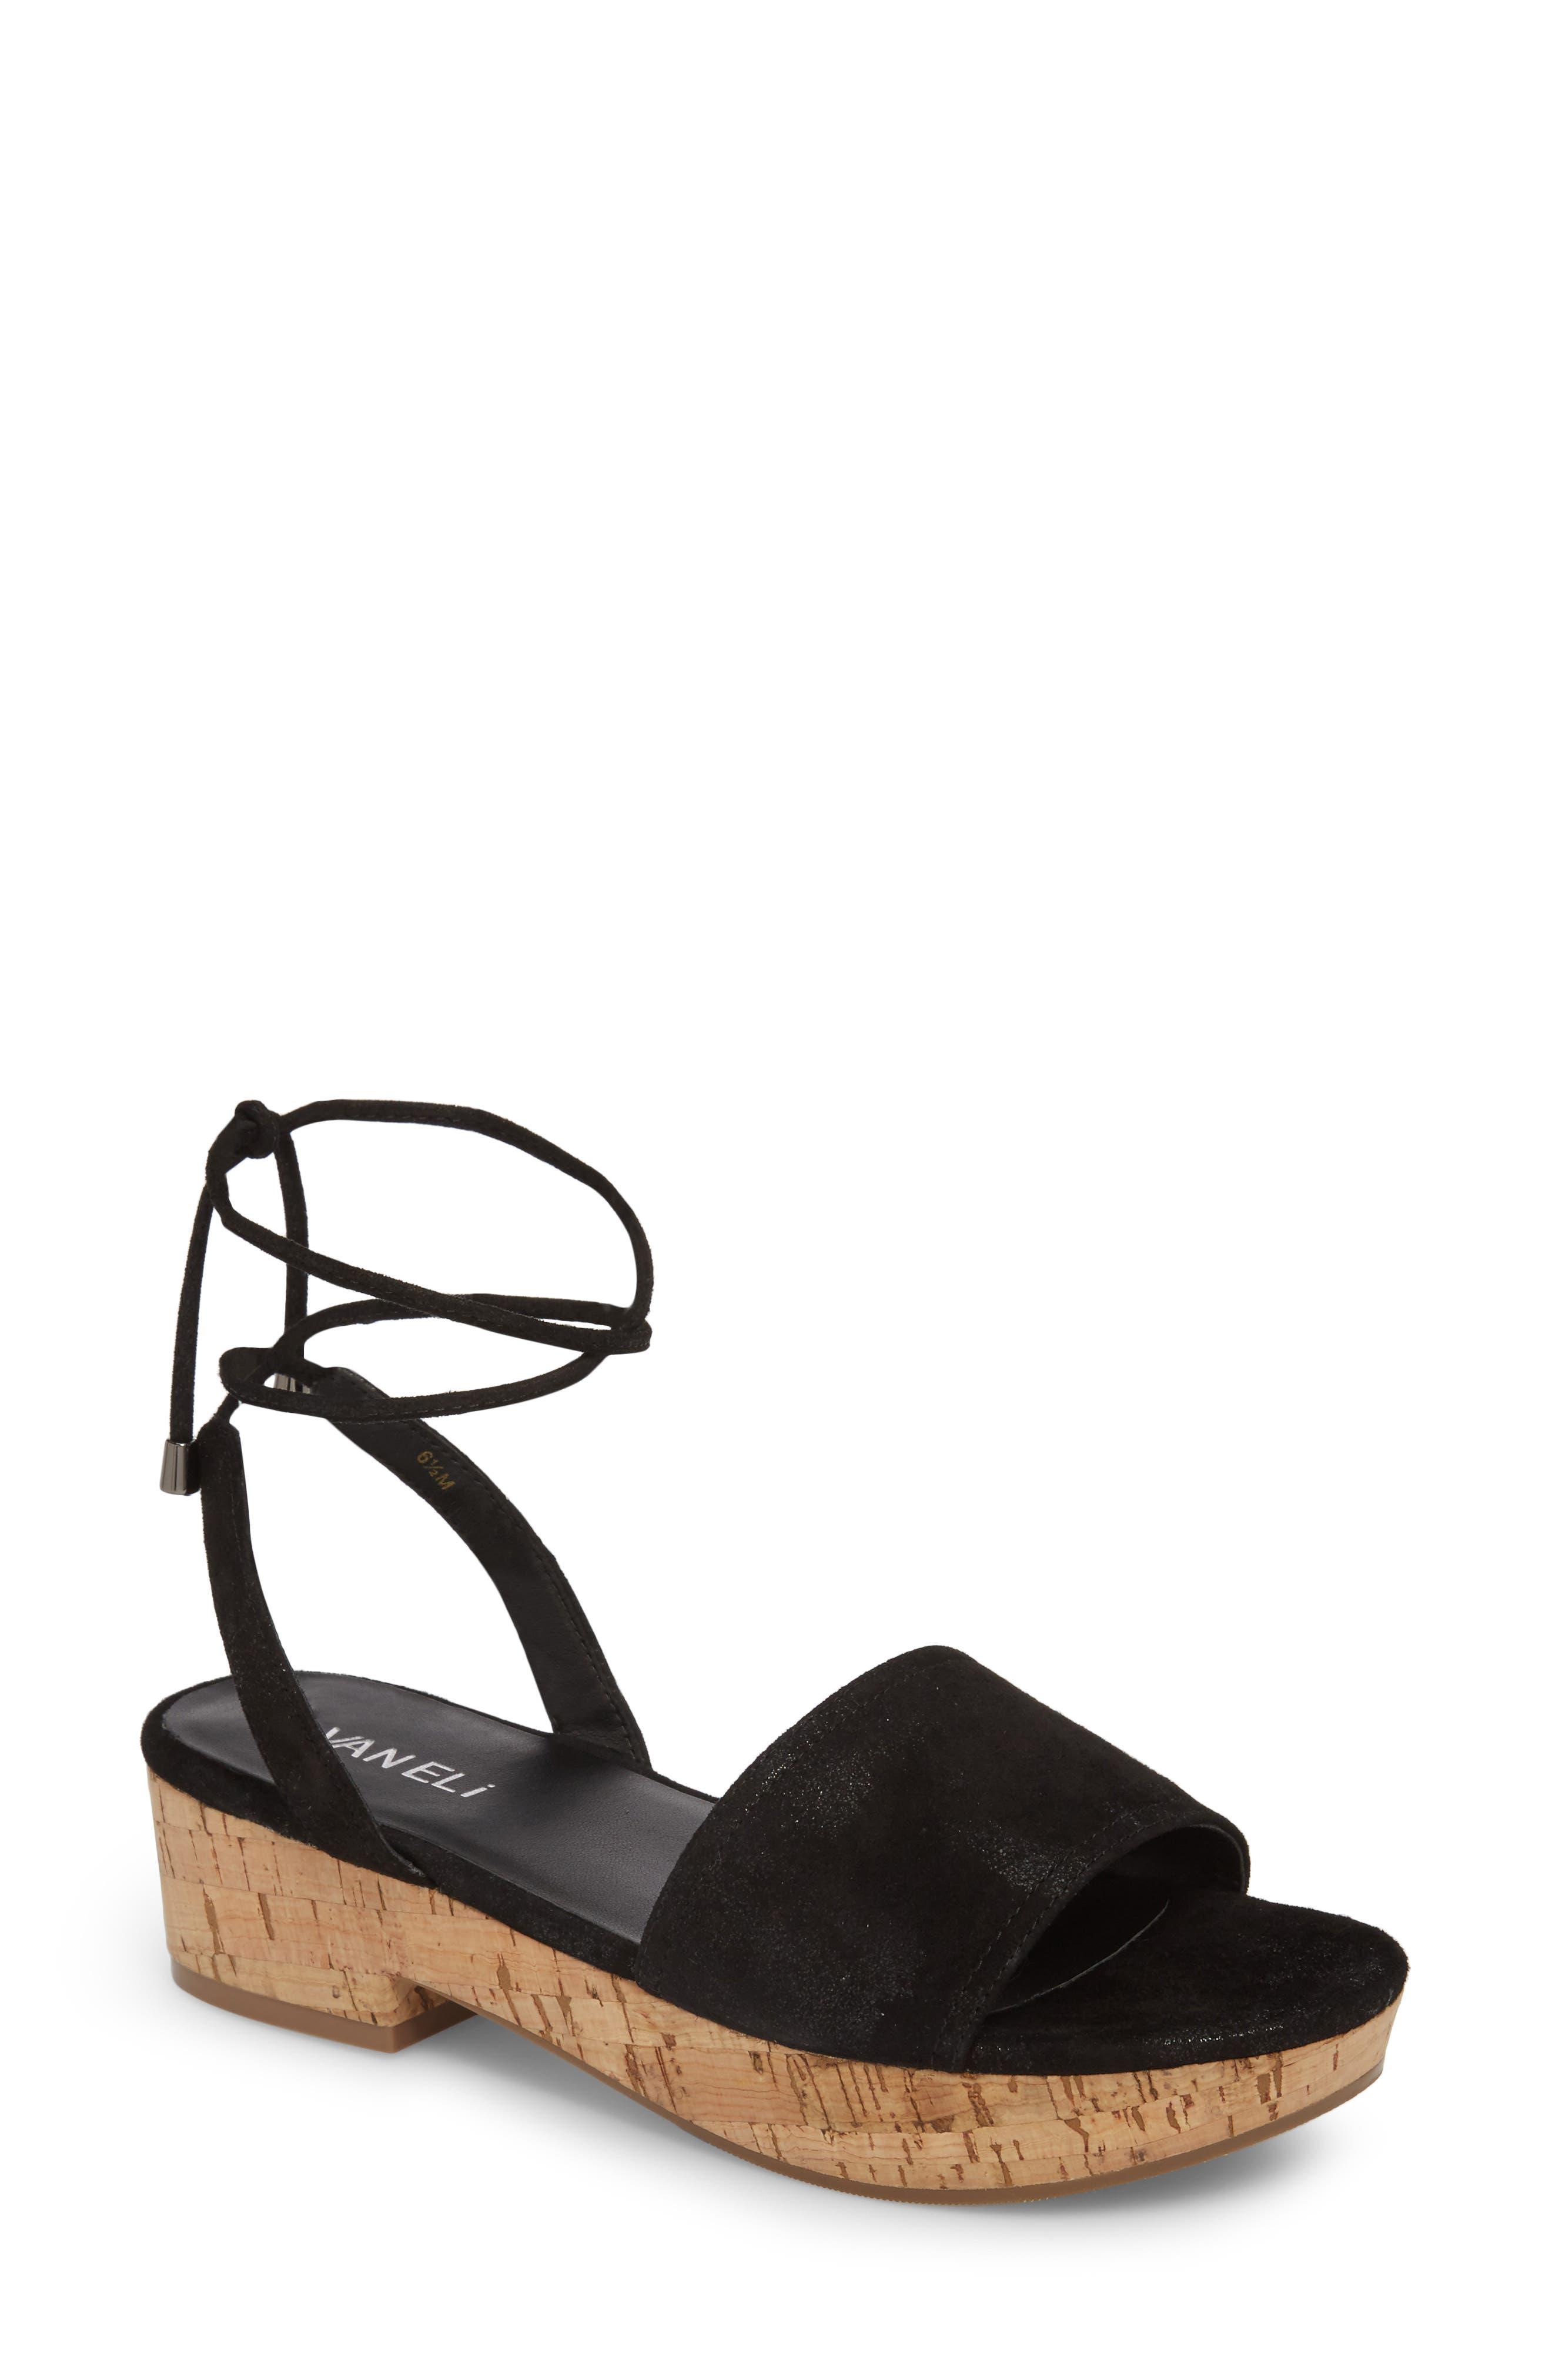 Saba Platform Sandal,                         Main,                         color, Black Printed Suede